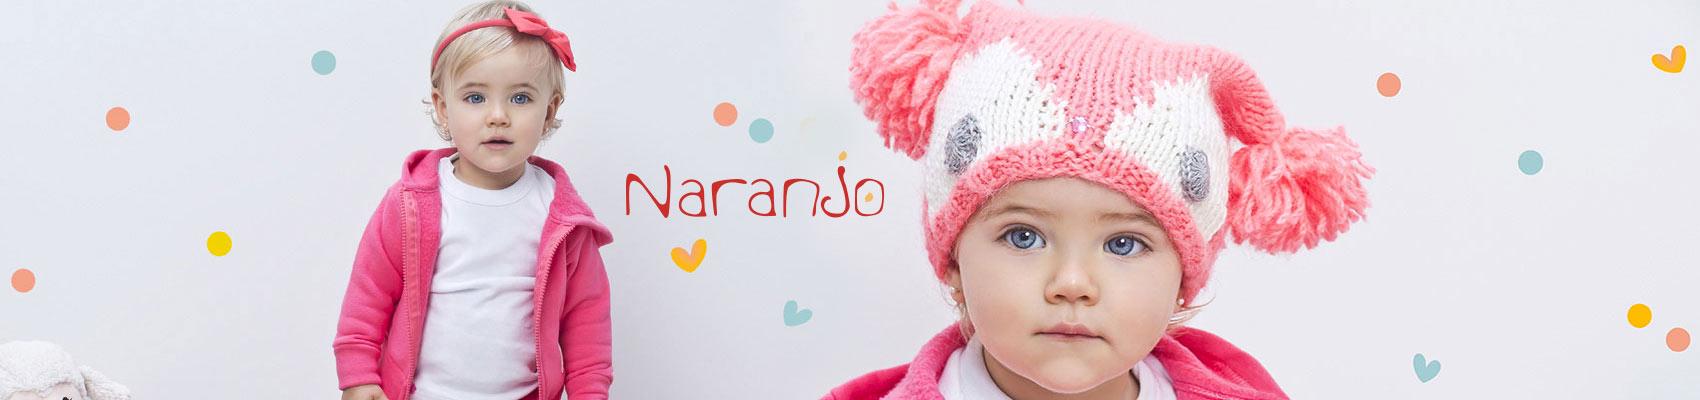 naranjo2016inv